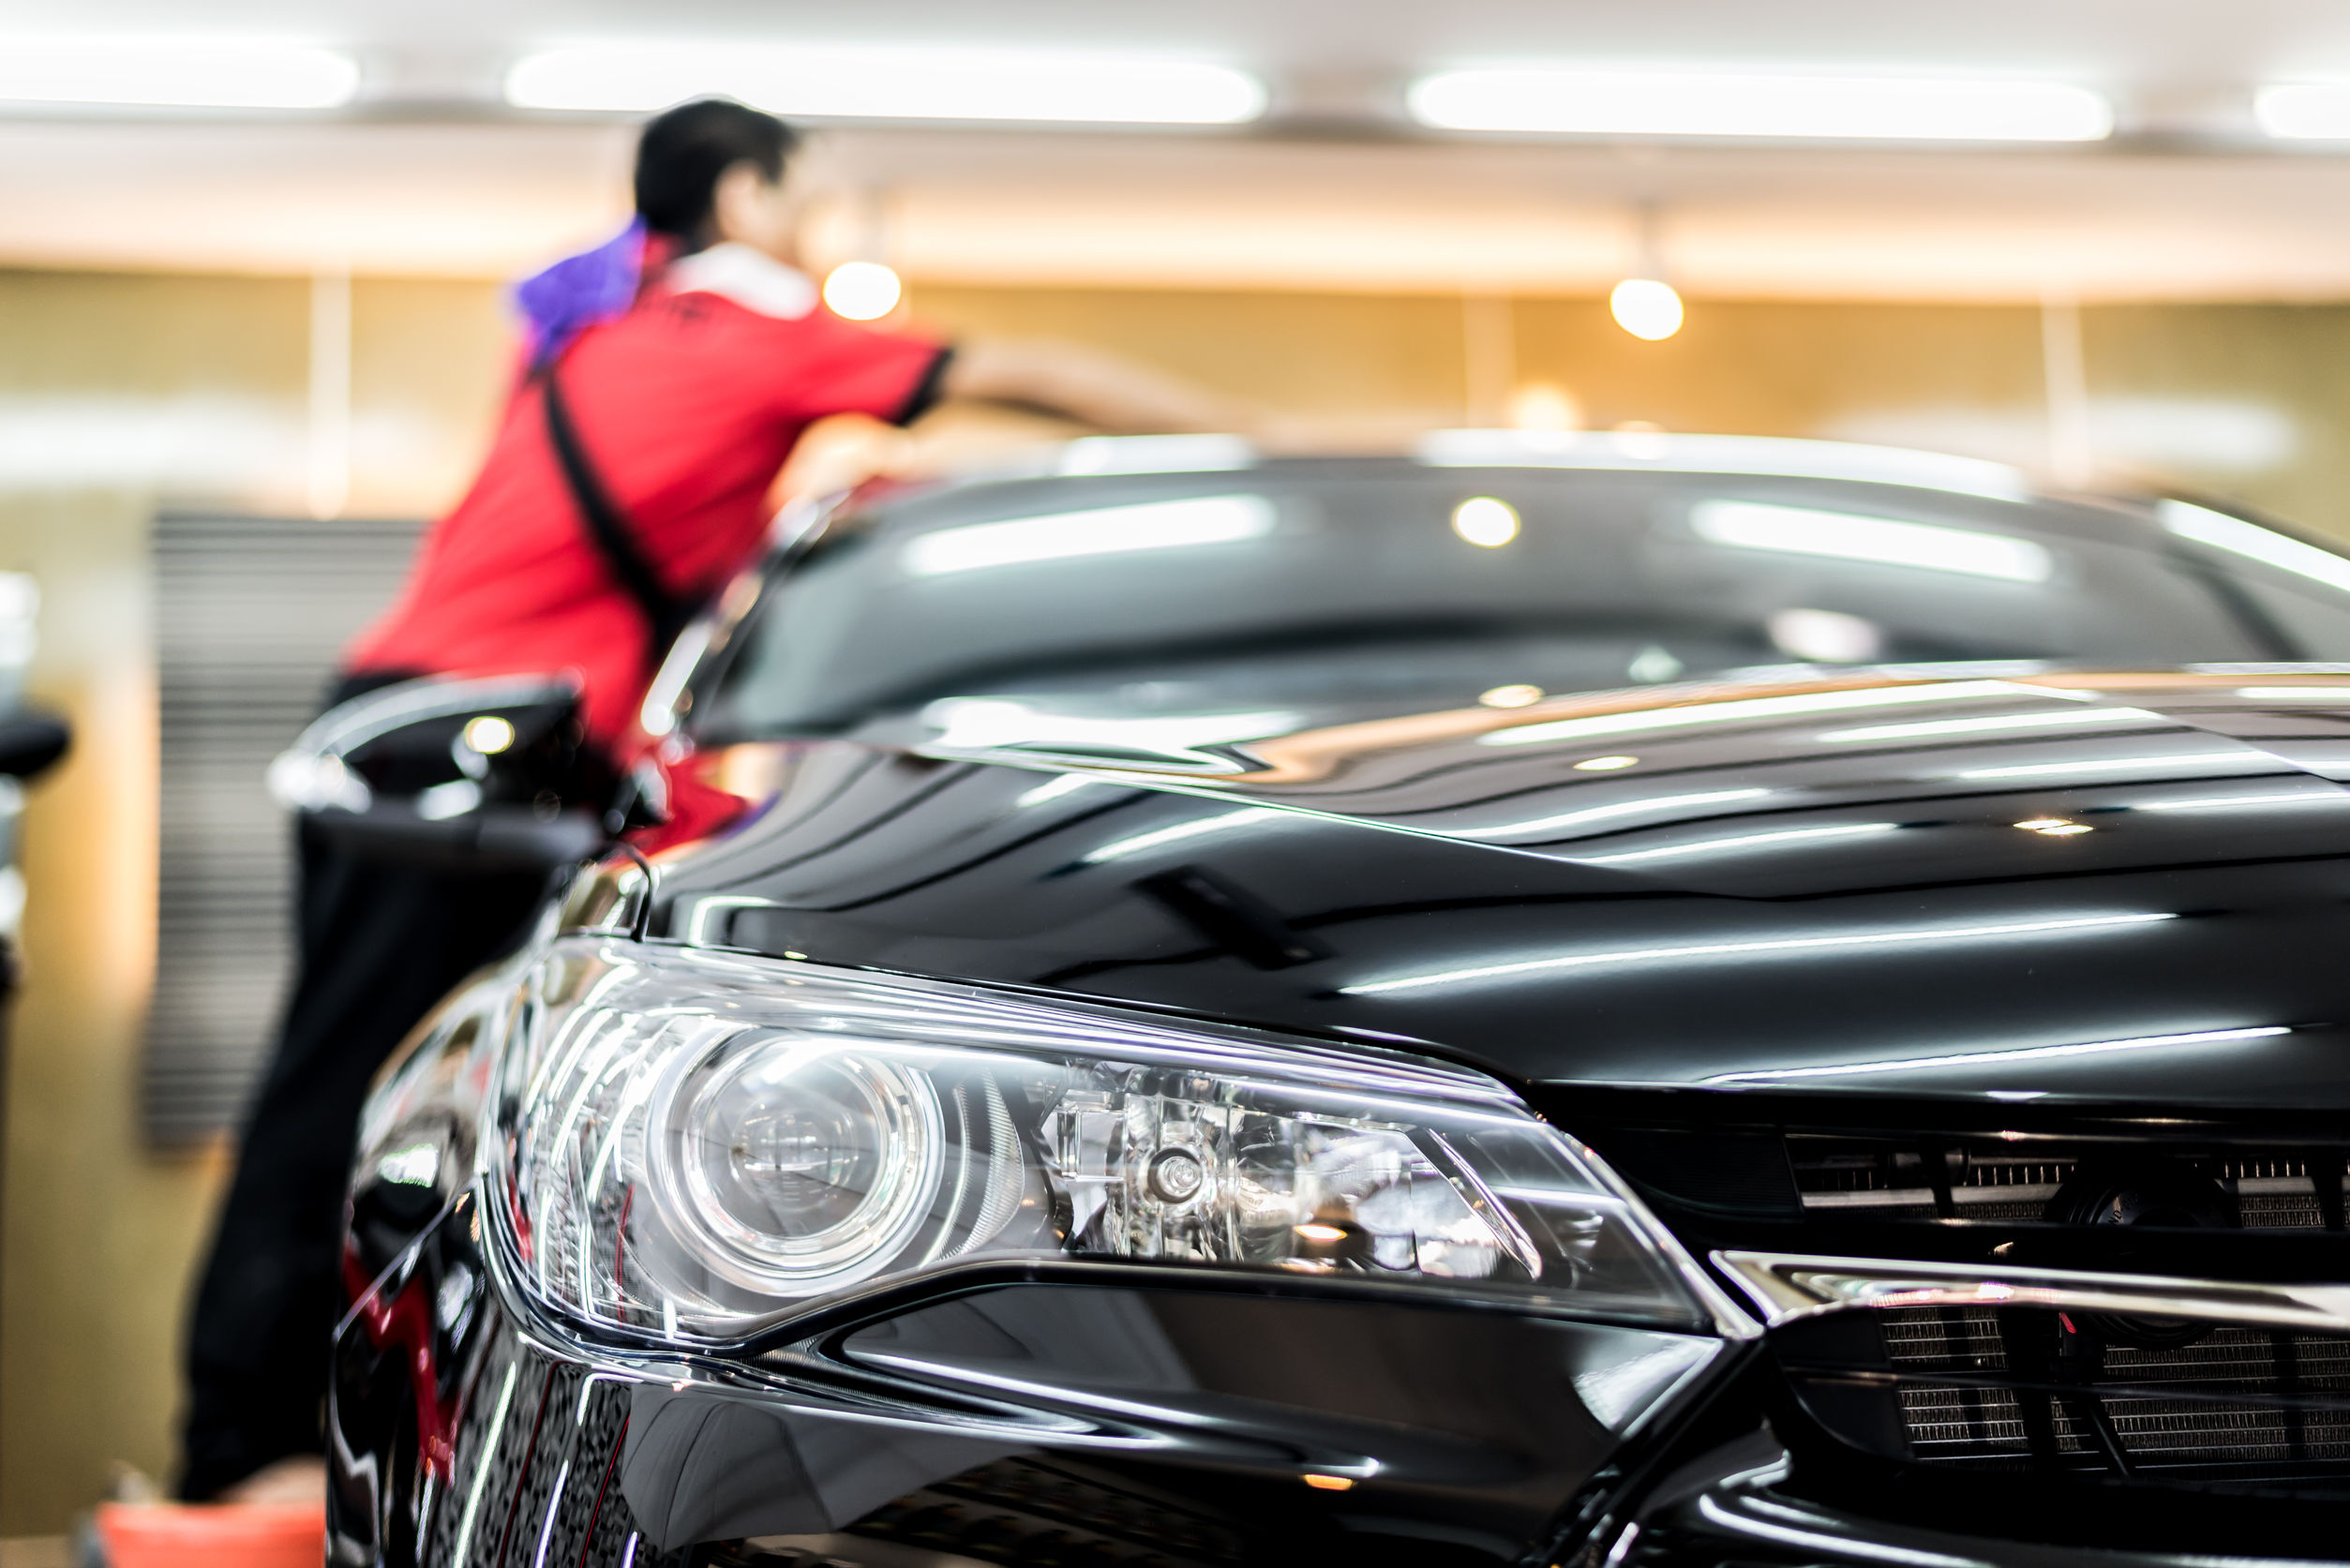 Advantages of Auto Detailing Services